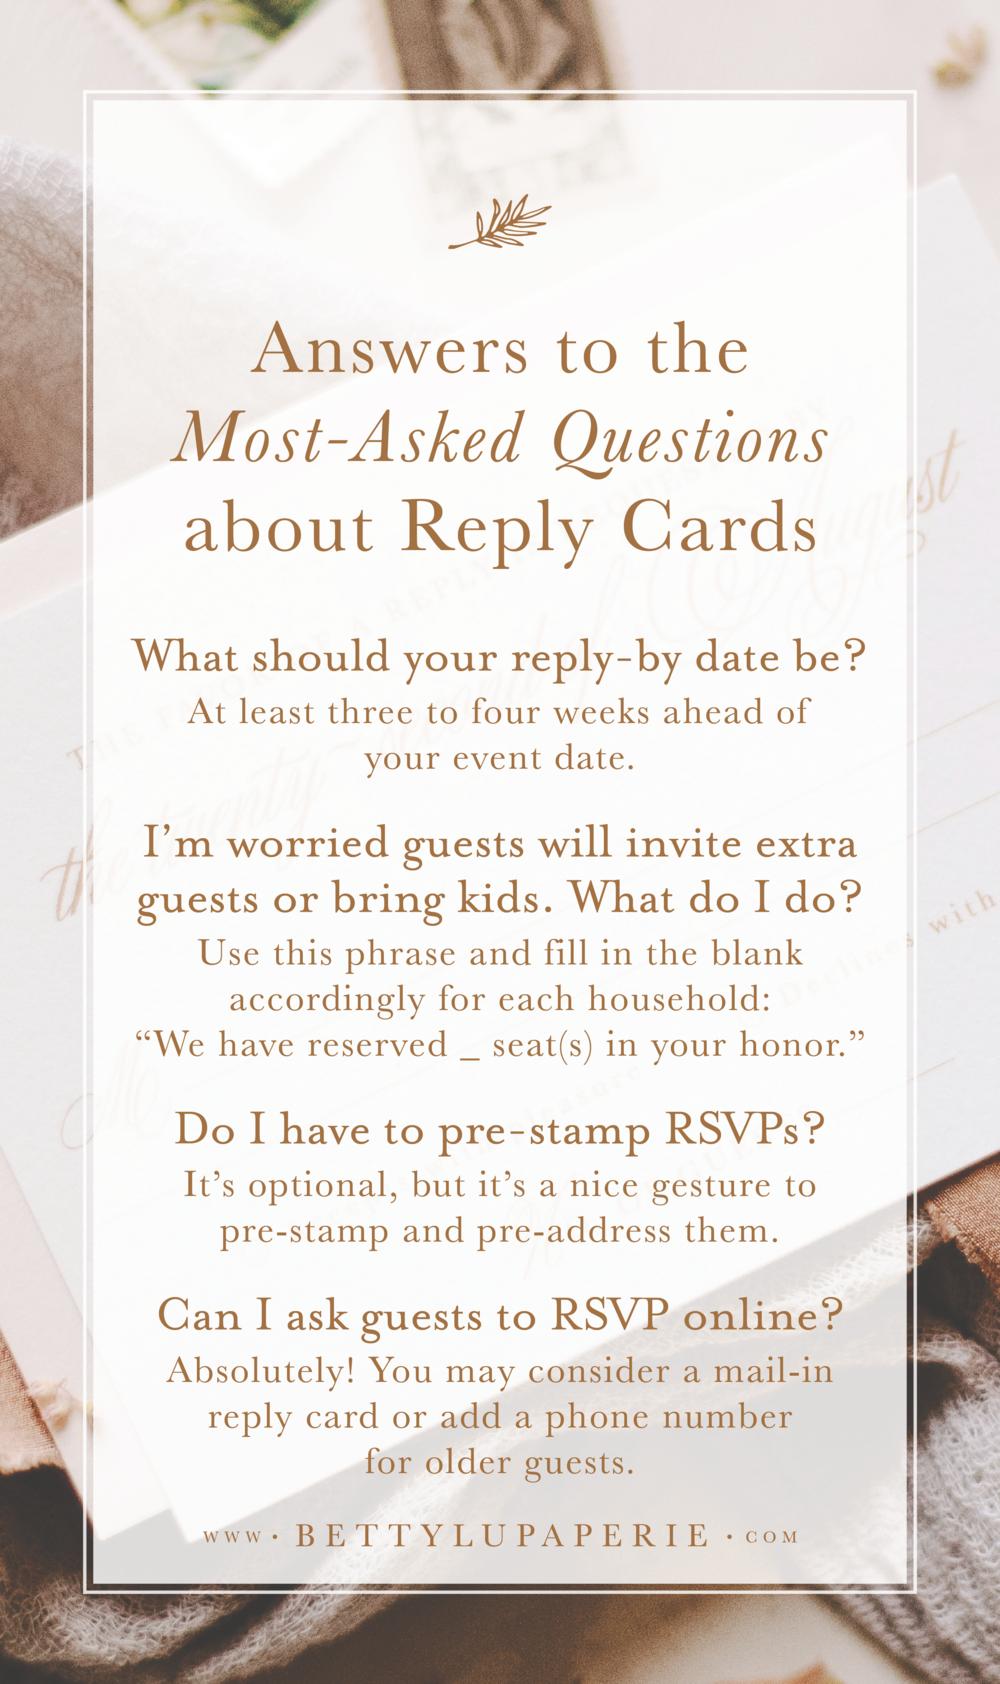 Wedding Rsvp Card Wording Betty Lu Paperie Rsvp Wedding Cards Rsvp Wedding Cards Wording Wedding Card Wordings